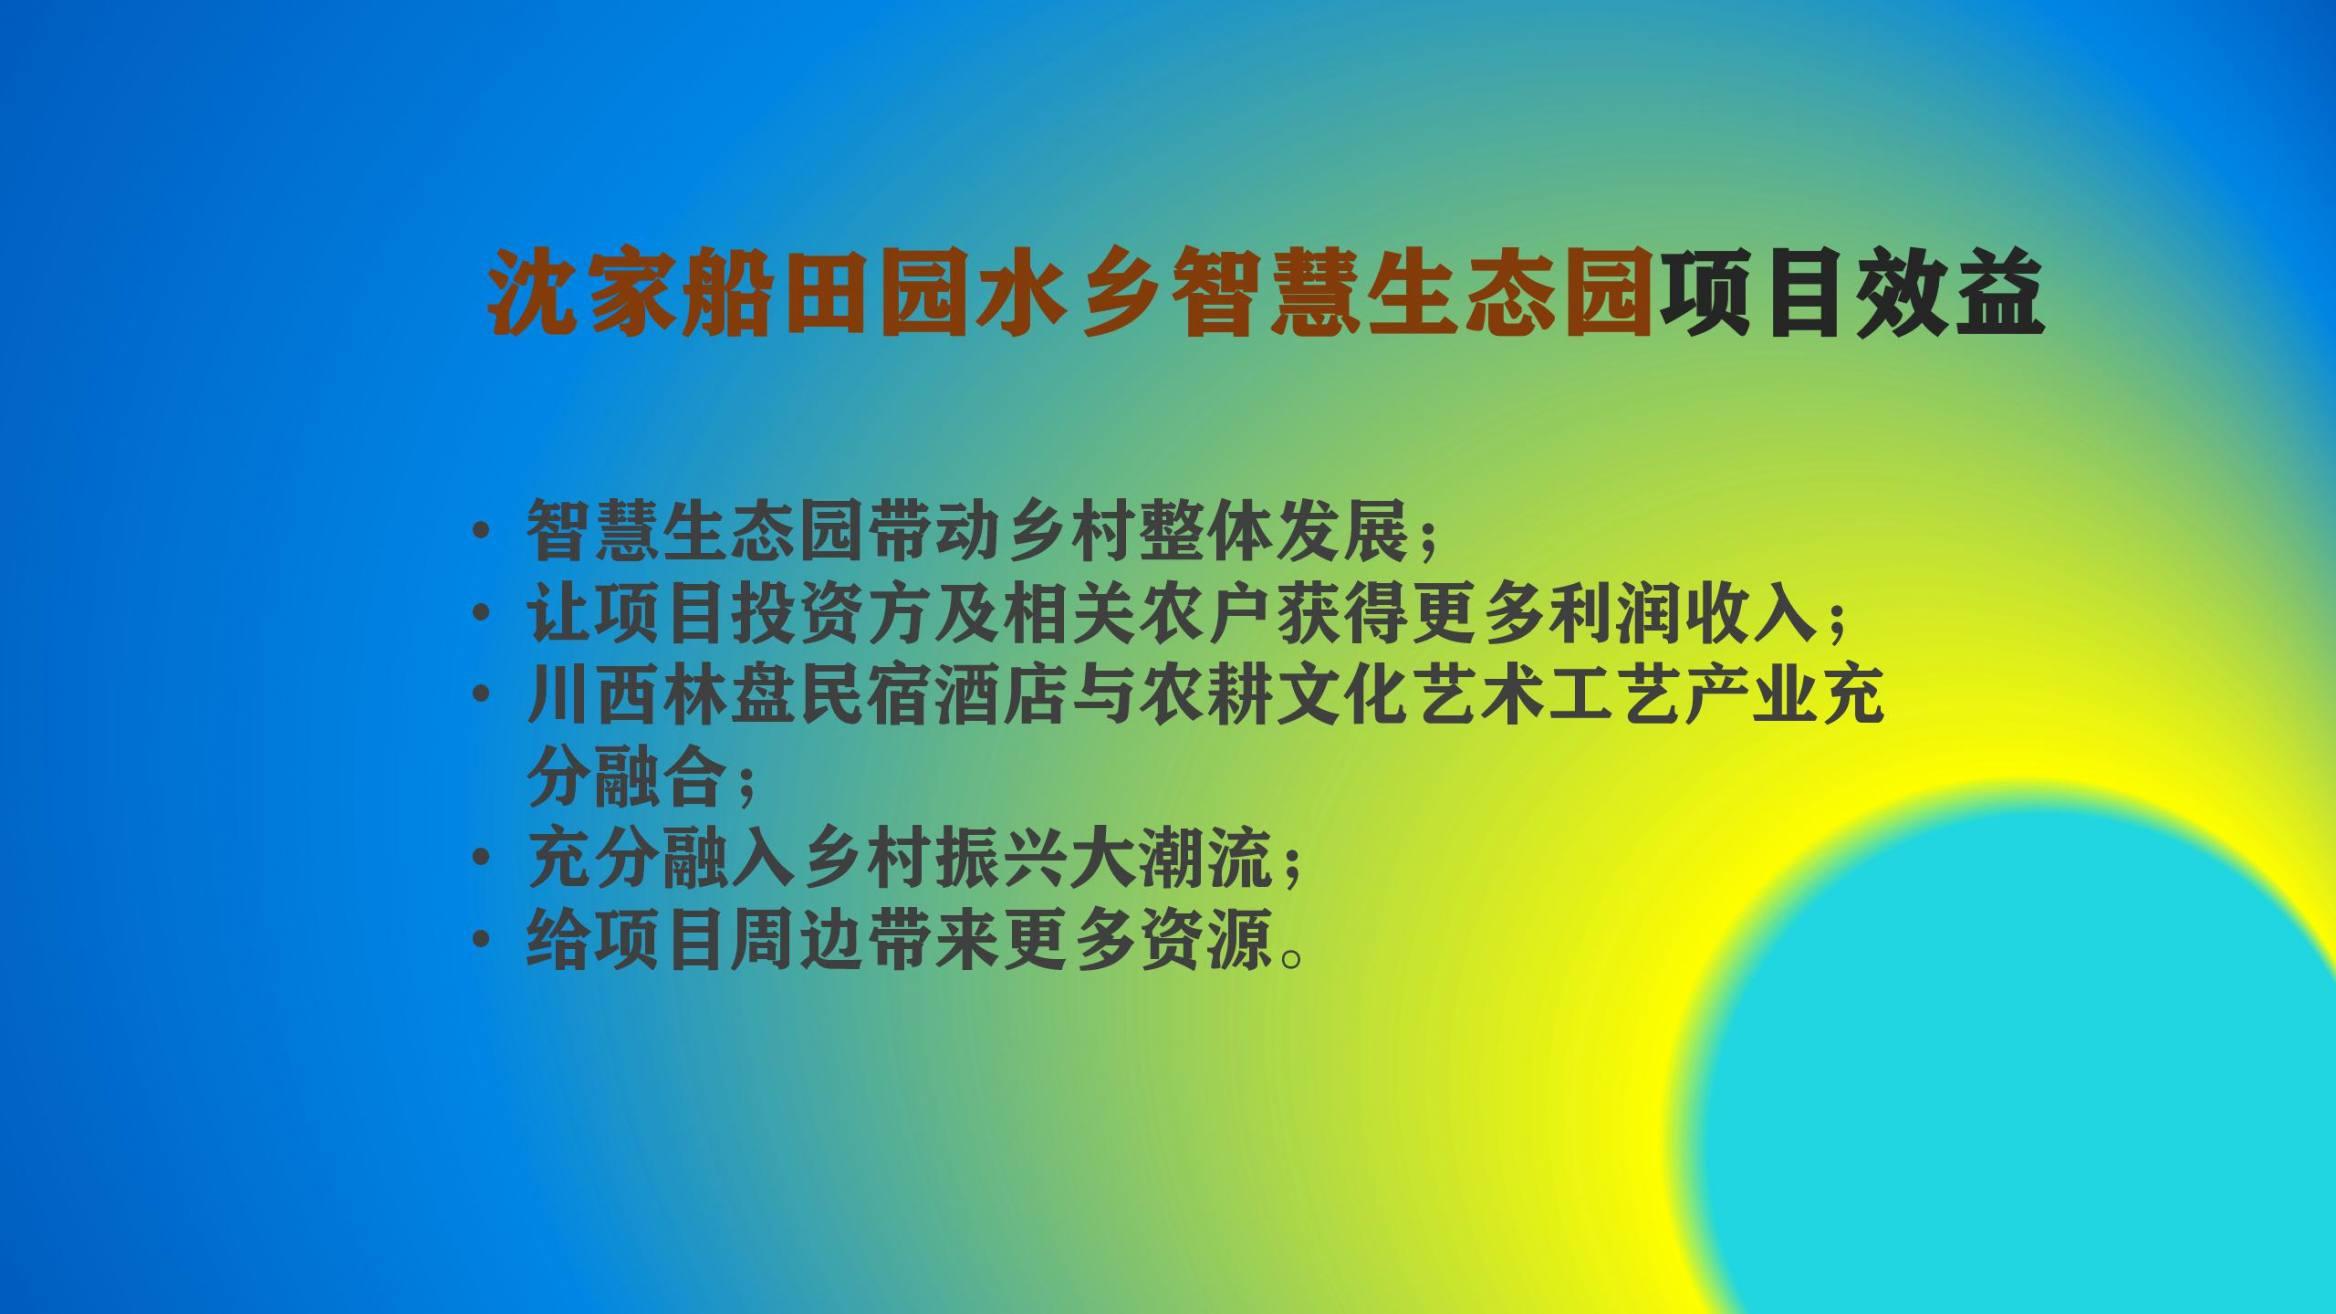 沈家船田园水乡智慧生态园 (7)